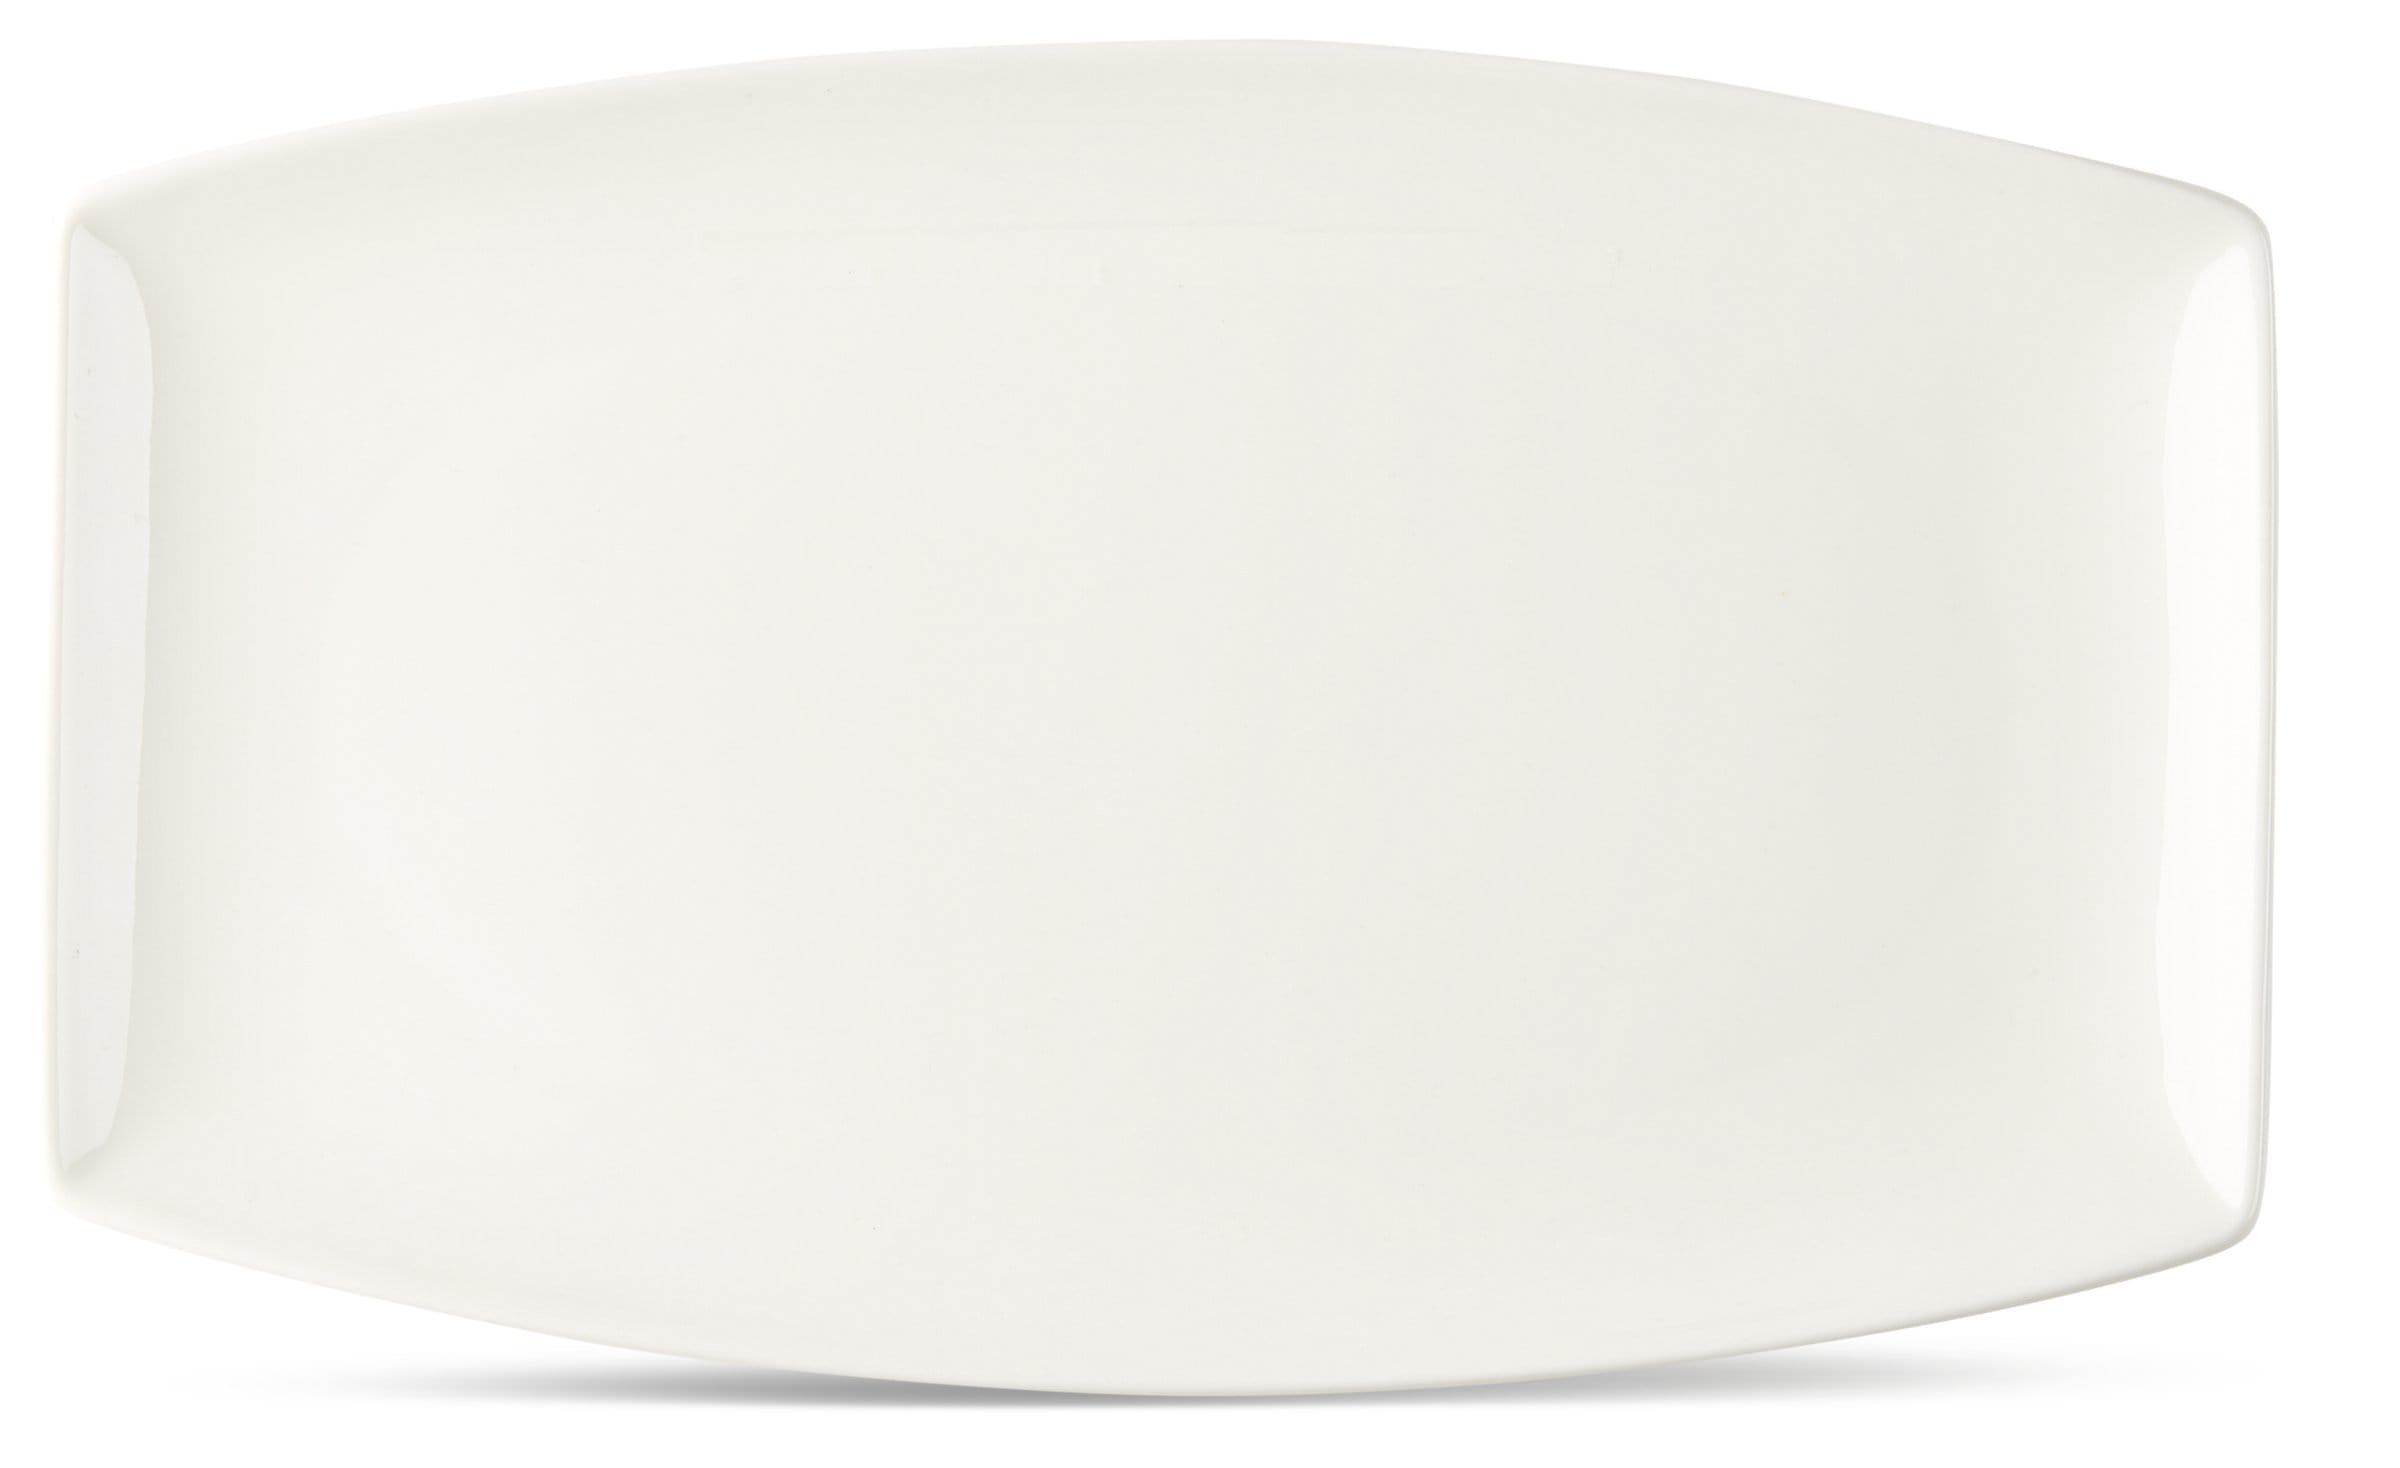 Cucina & Tavola Servierplatte 23x14cm FINE LINE